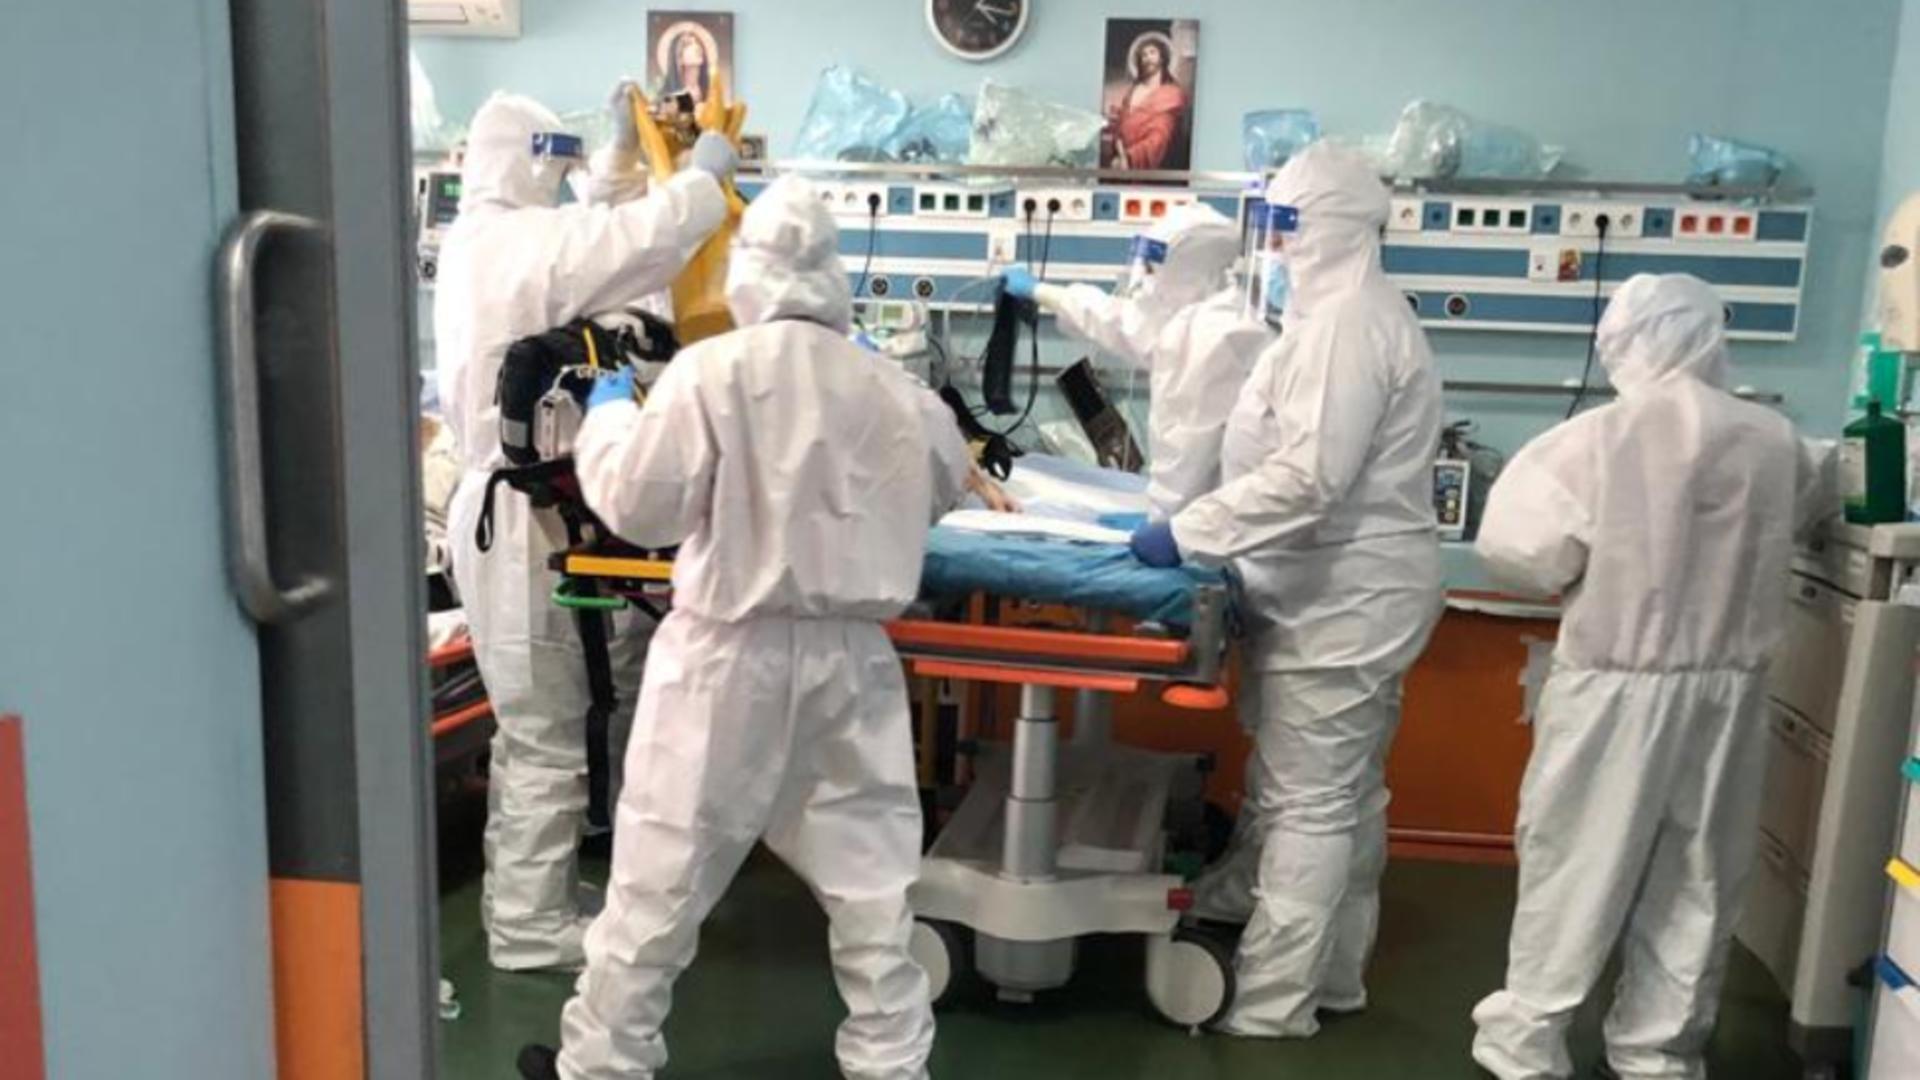 Imagini de coșmar din secțiile de Terapie Intensivă, surprinse în această dimineață